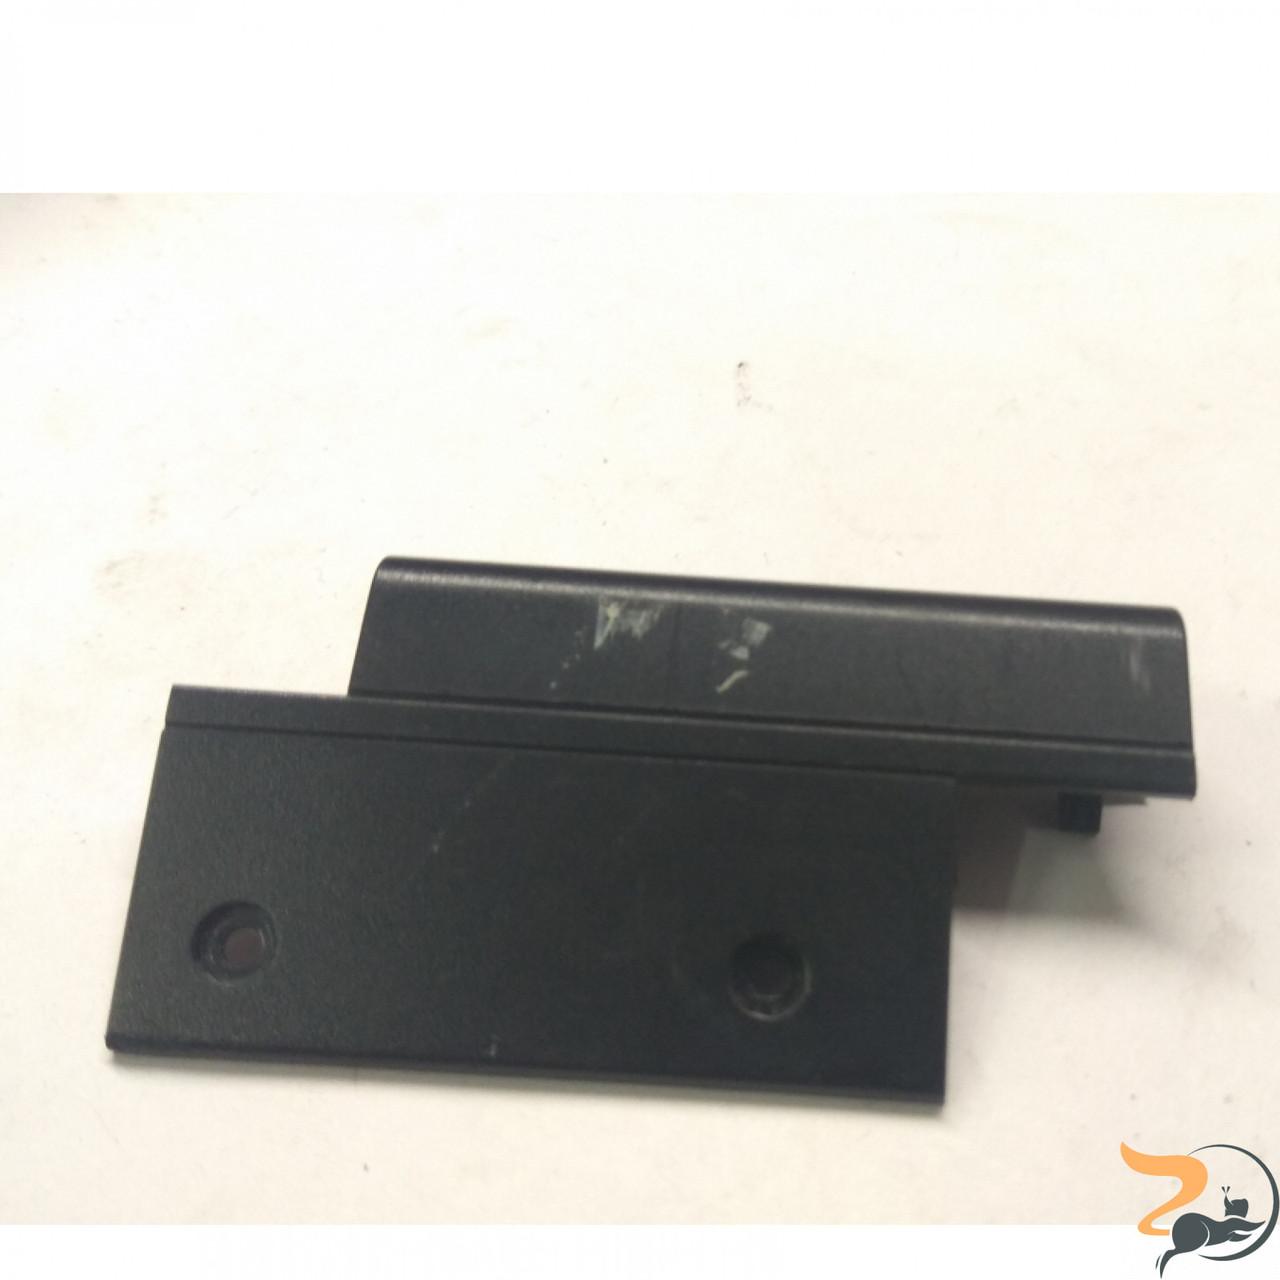 Сервісна кришка для ноутбука ASUS A3A, Б/В. Без пошкоджень, в хорошому стані.